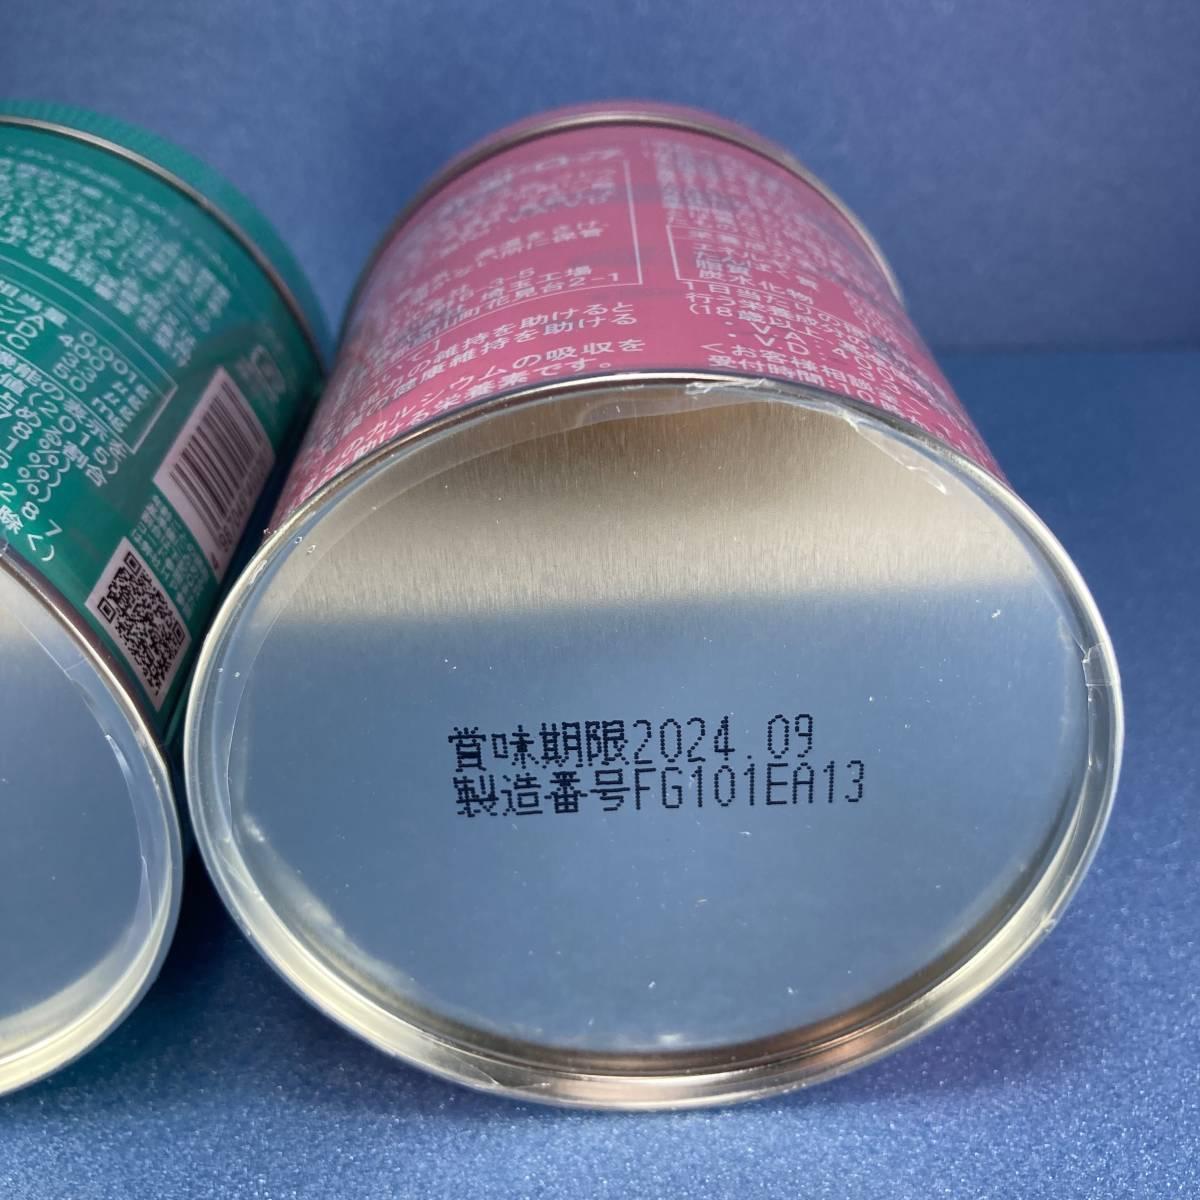 【新品 未開封】カワイ ビタミンC肝油ドロップ| カルシウム肝油ドロップ 2缶セット 栄養機能食品 子供 サプリメント_画像3